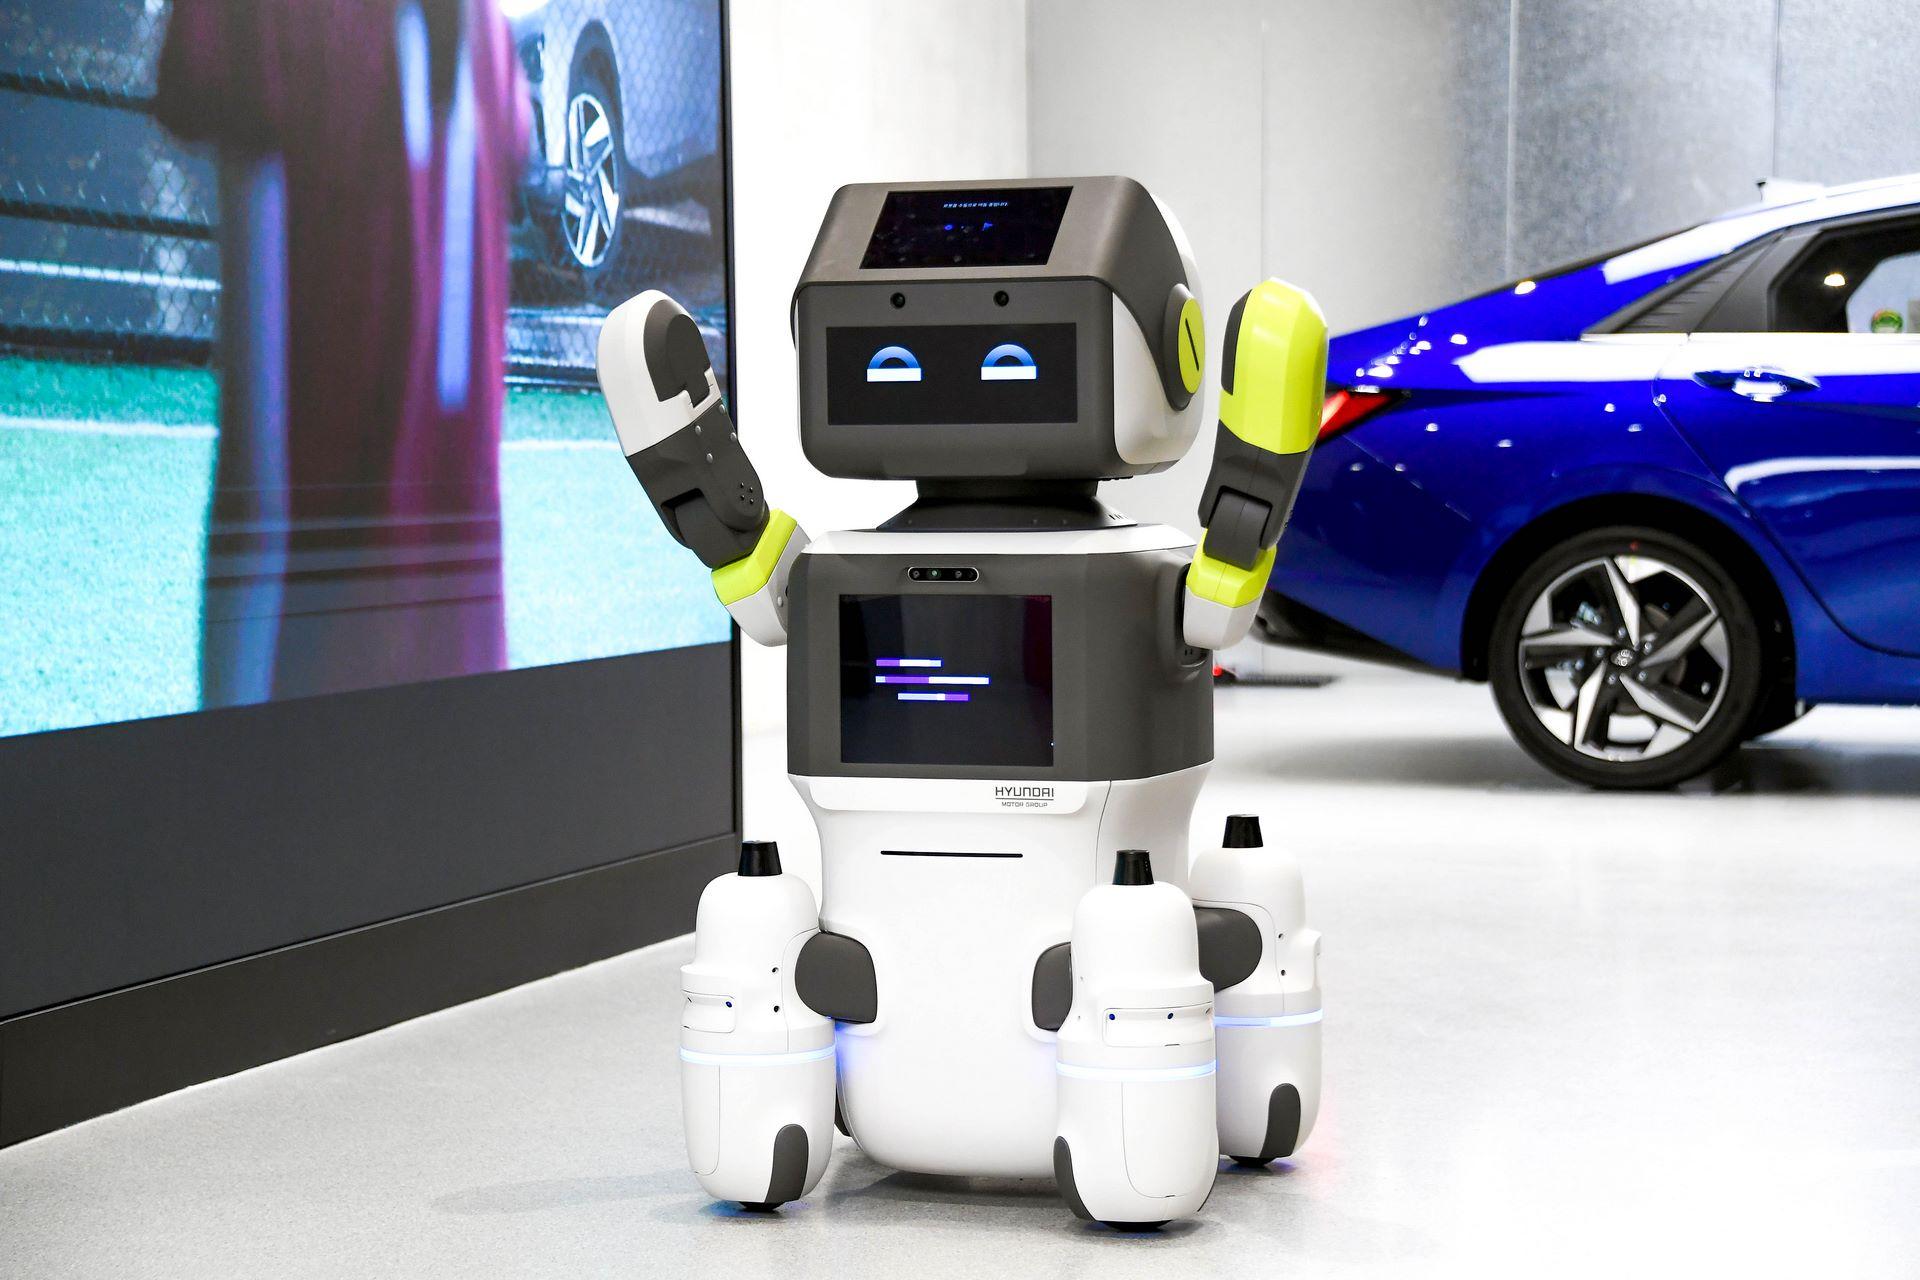 Hyundai-DAL-e-robot-2